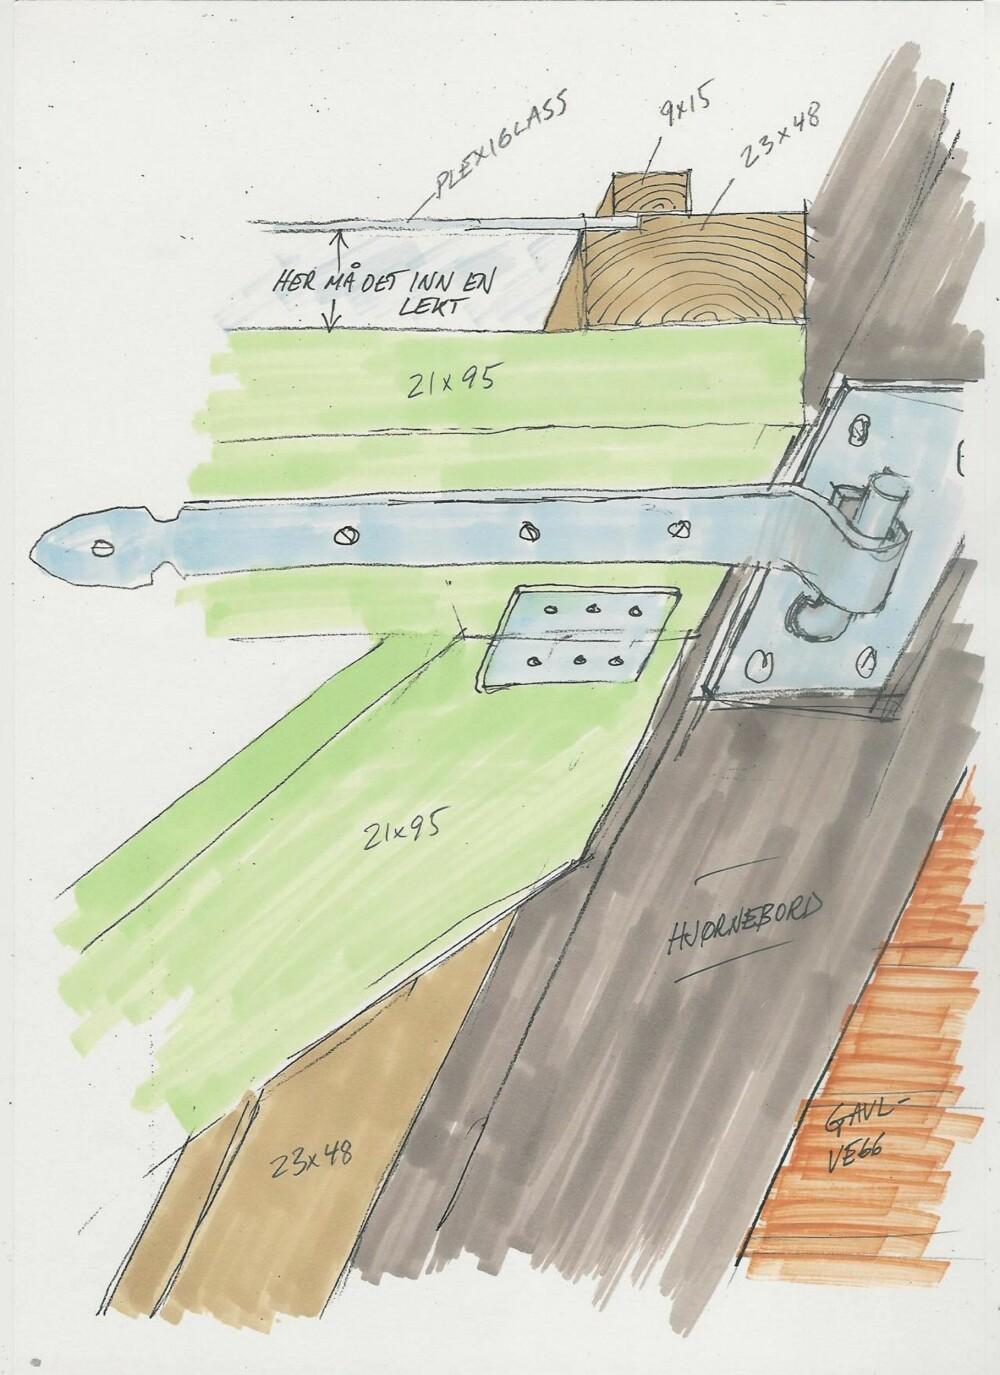 FLYTTBAR LEVEGG: Fleksiveggen kan lages på mange måter, men den bør være så lett som mulig, ettersom den skal være flyttbar. Her er tips til dimensjoner. Foto: Tegning: Per Chr. Tellefsen